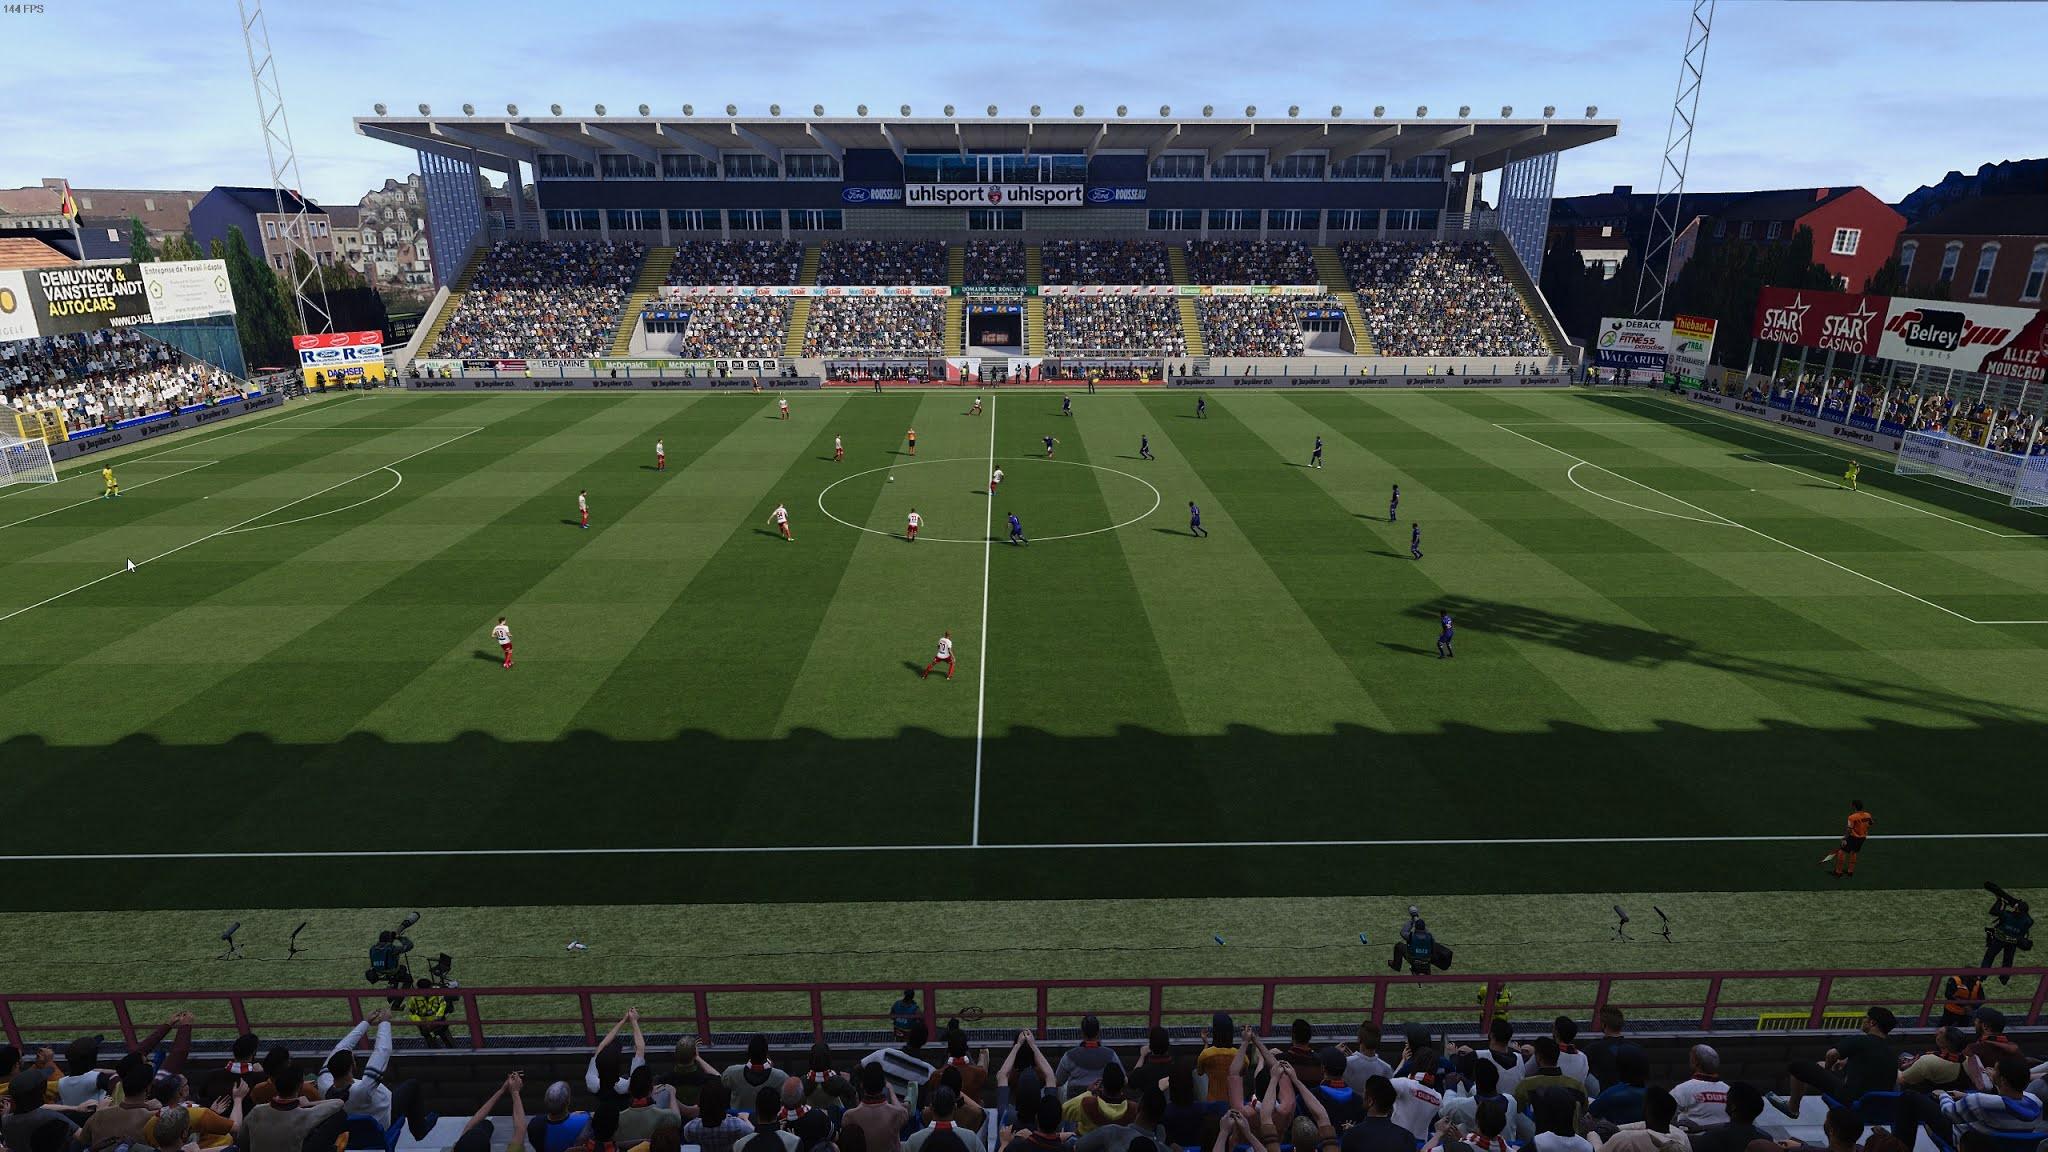 PES 2021 Stade du Canonnier - Royal Excel Mouscron